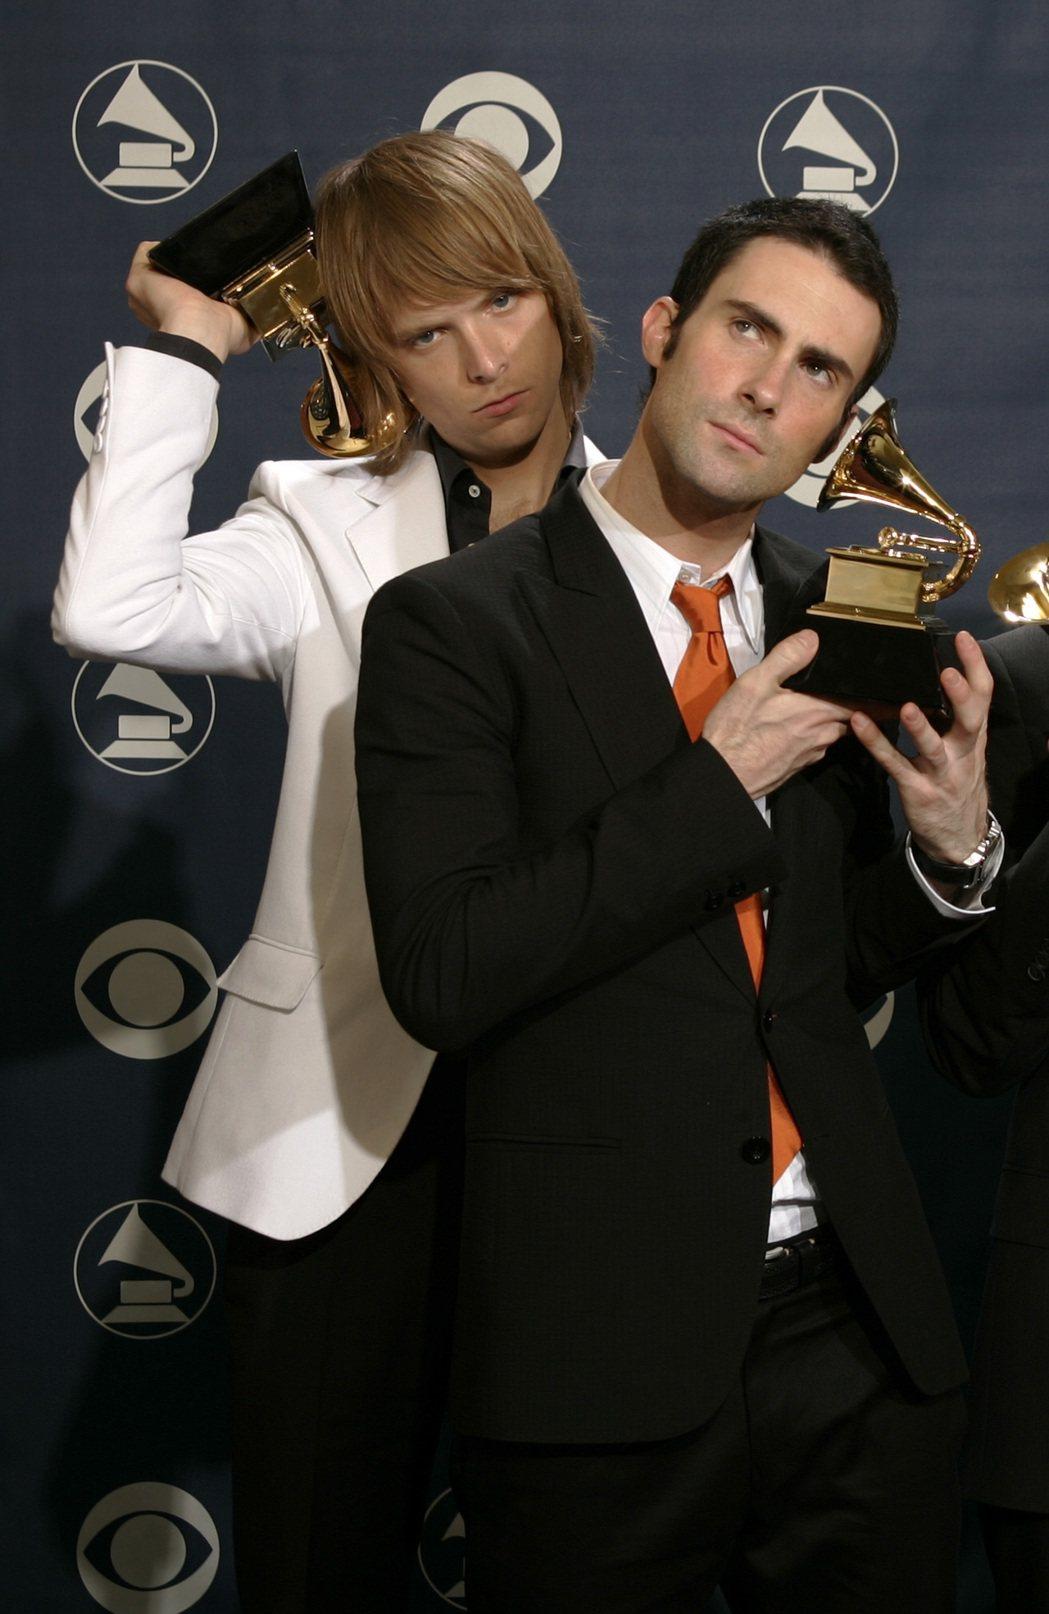 「魔力紅」貝斯手麥基馬登(左)與主唱亞當十多年前在葛萊美獎頒獎典禮上搞笑。圖/路